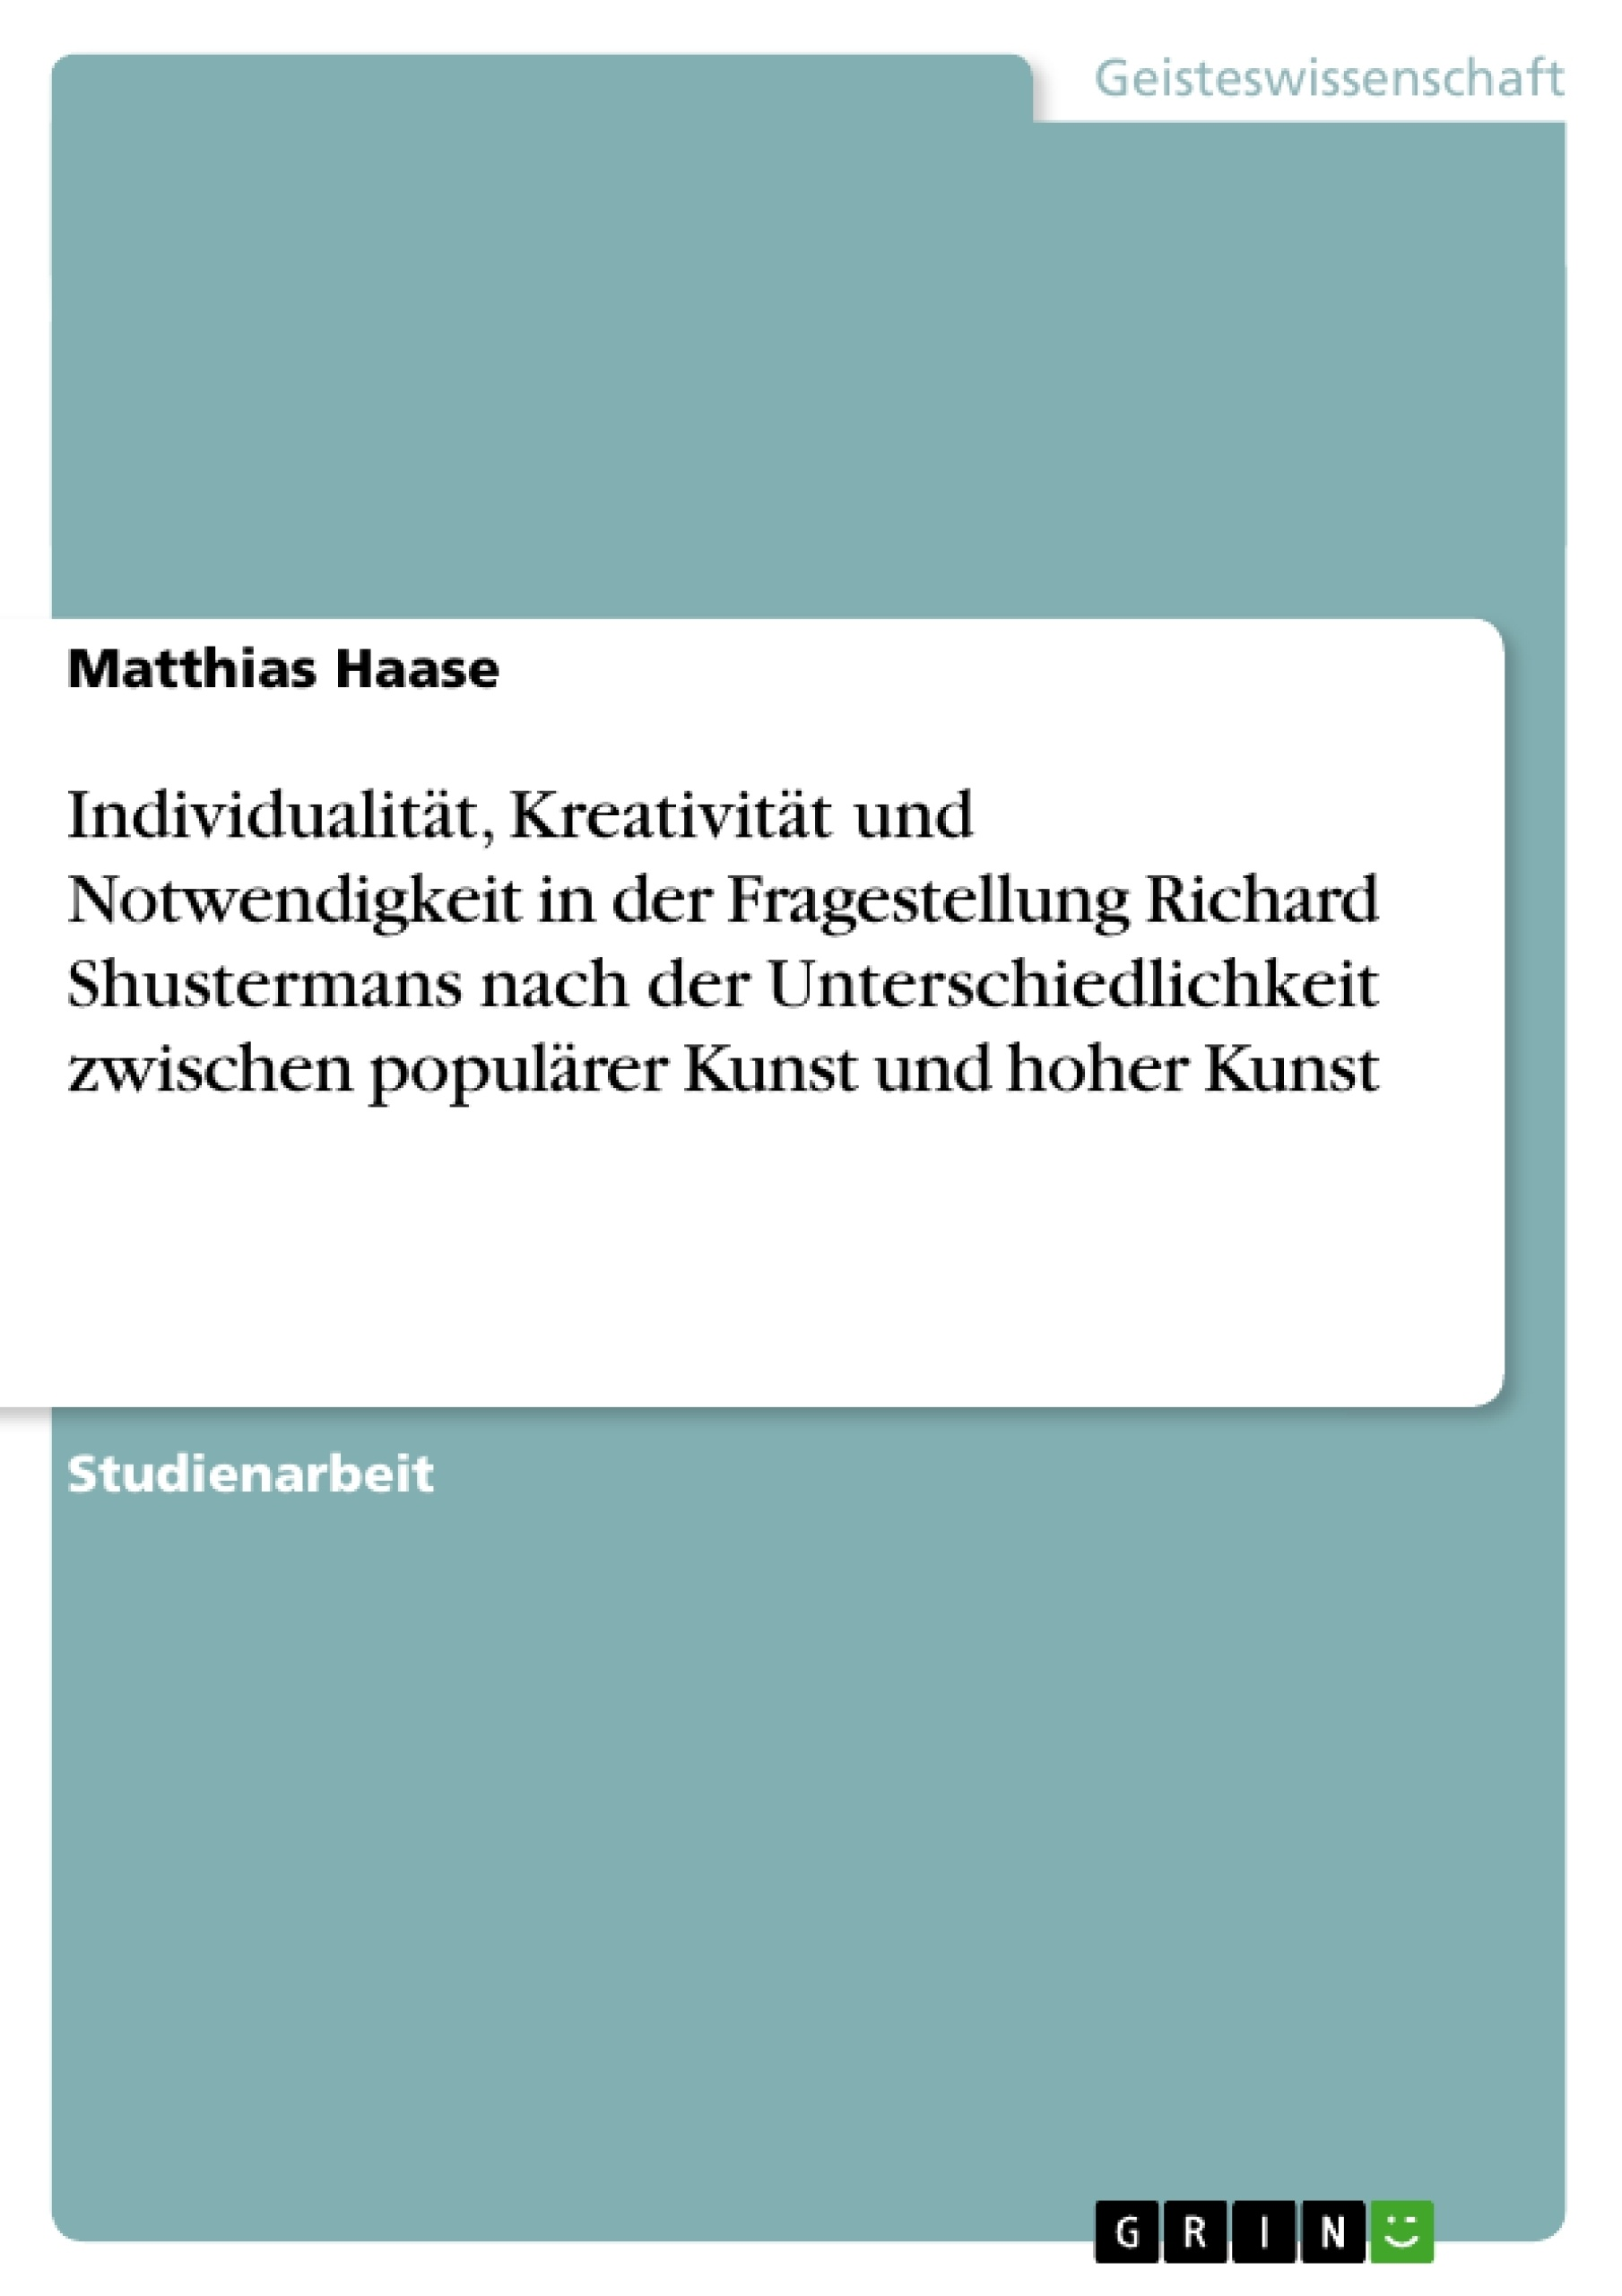 Titel: Individualität, Kreativität und Notwendigkeit in der Fragestellung Richard Shustermans nach der Unterschiedlichkeit zwischen populärer Kunst und hoher Kunst